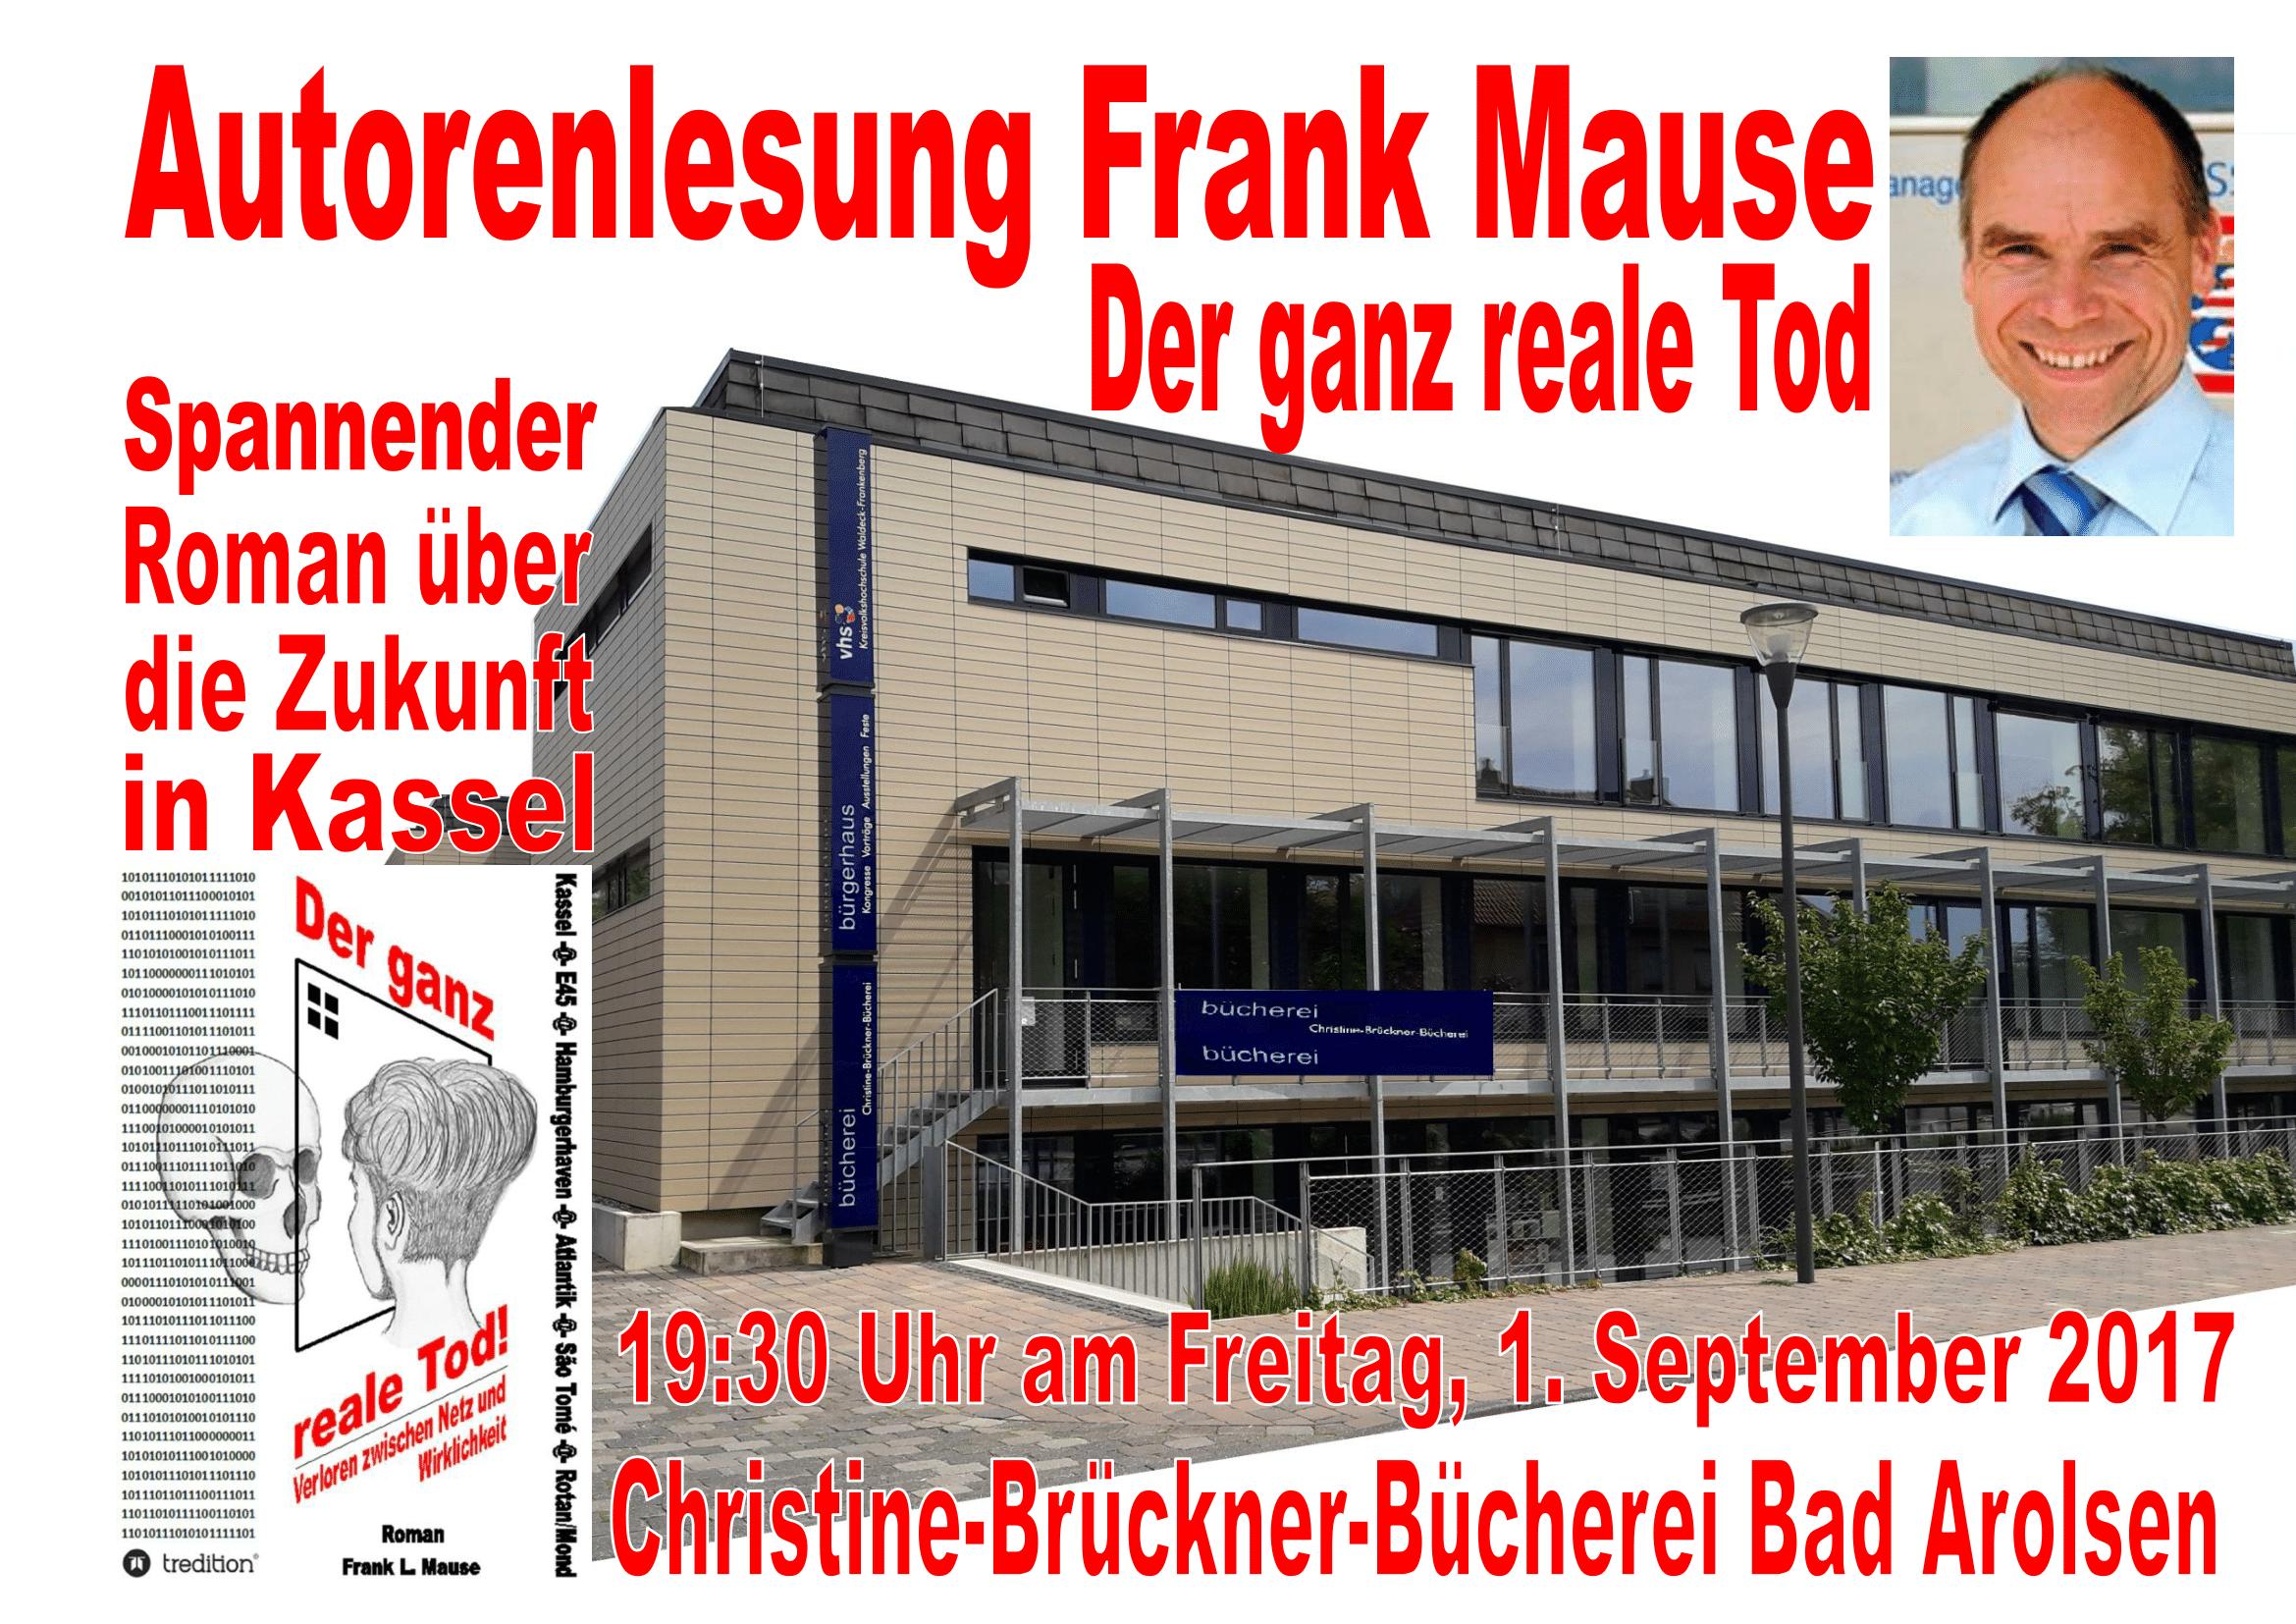 Veranstaltungen f rderverein christine br ckner b cherei for Frank flechtwaren katalog 2017